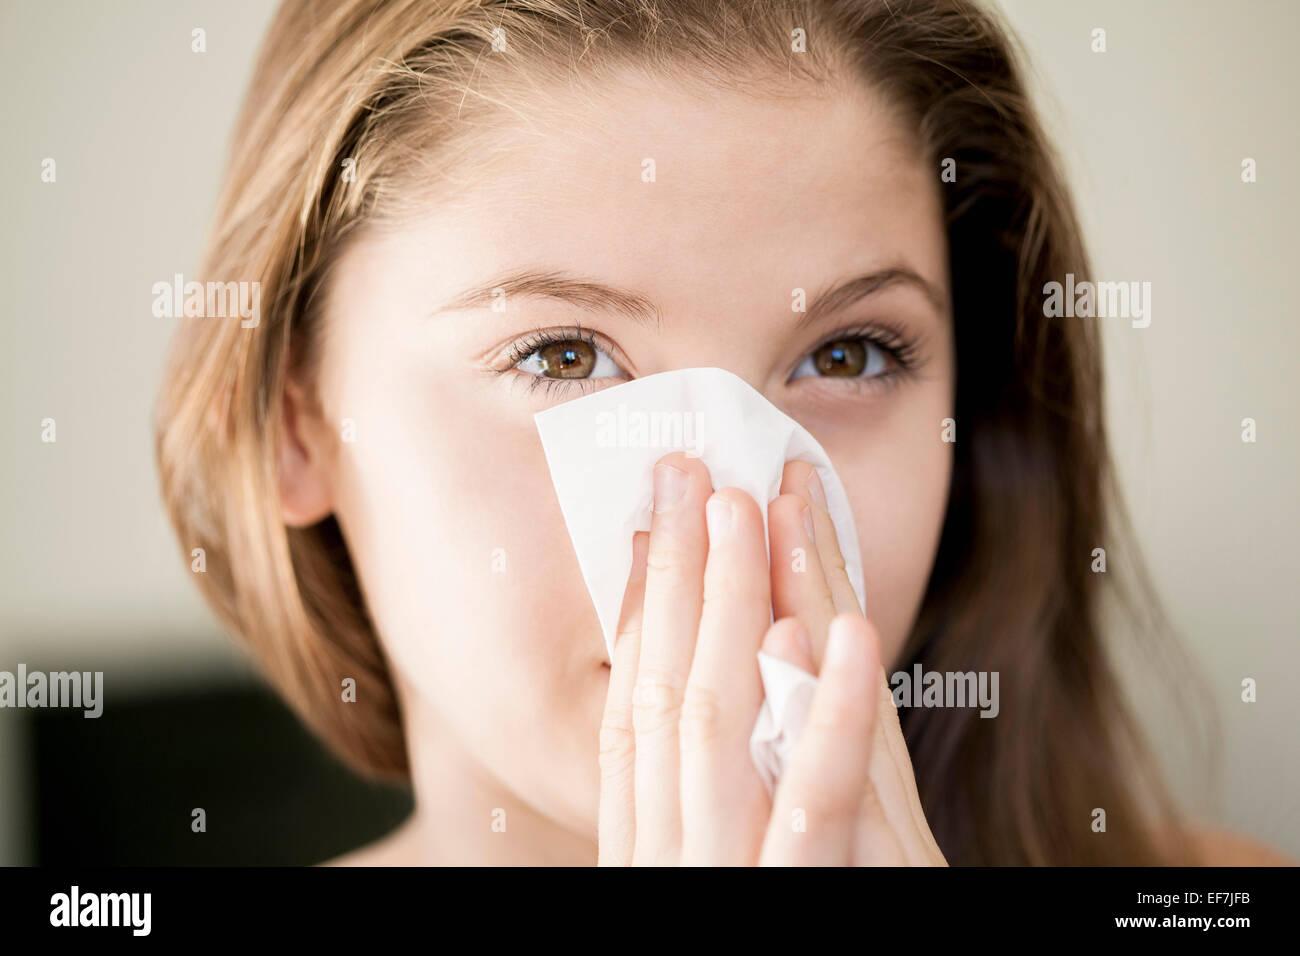 Chica limpiando la nariz con un pañuelo Imagen De Stock